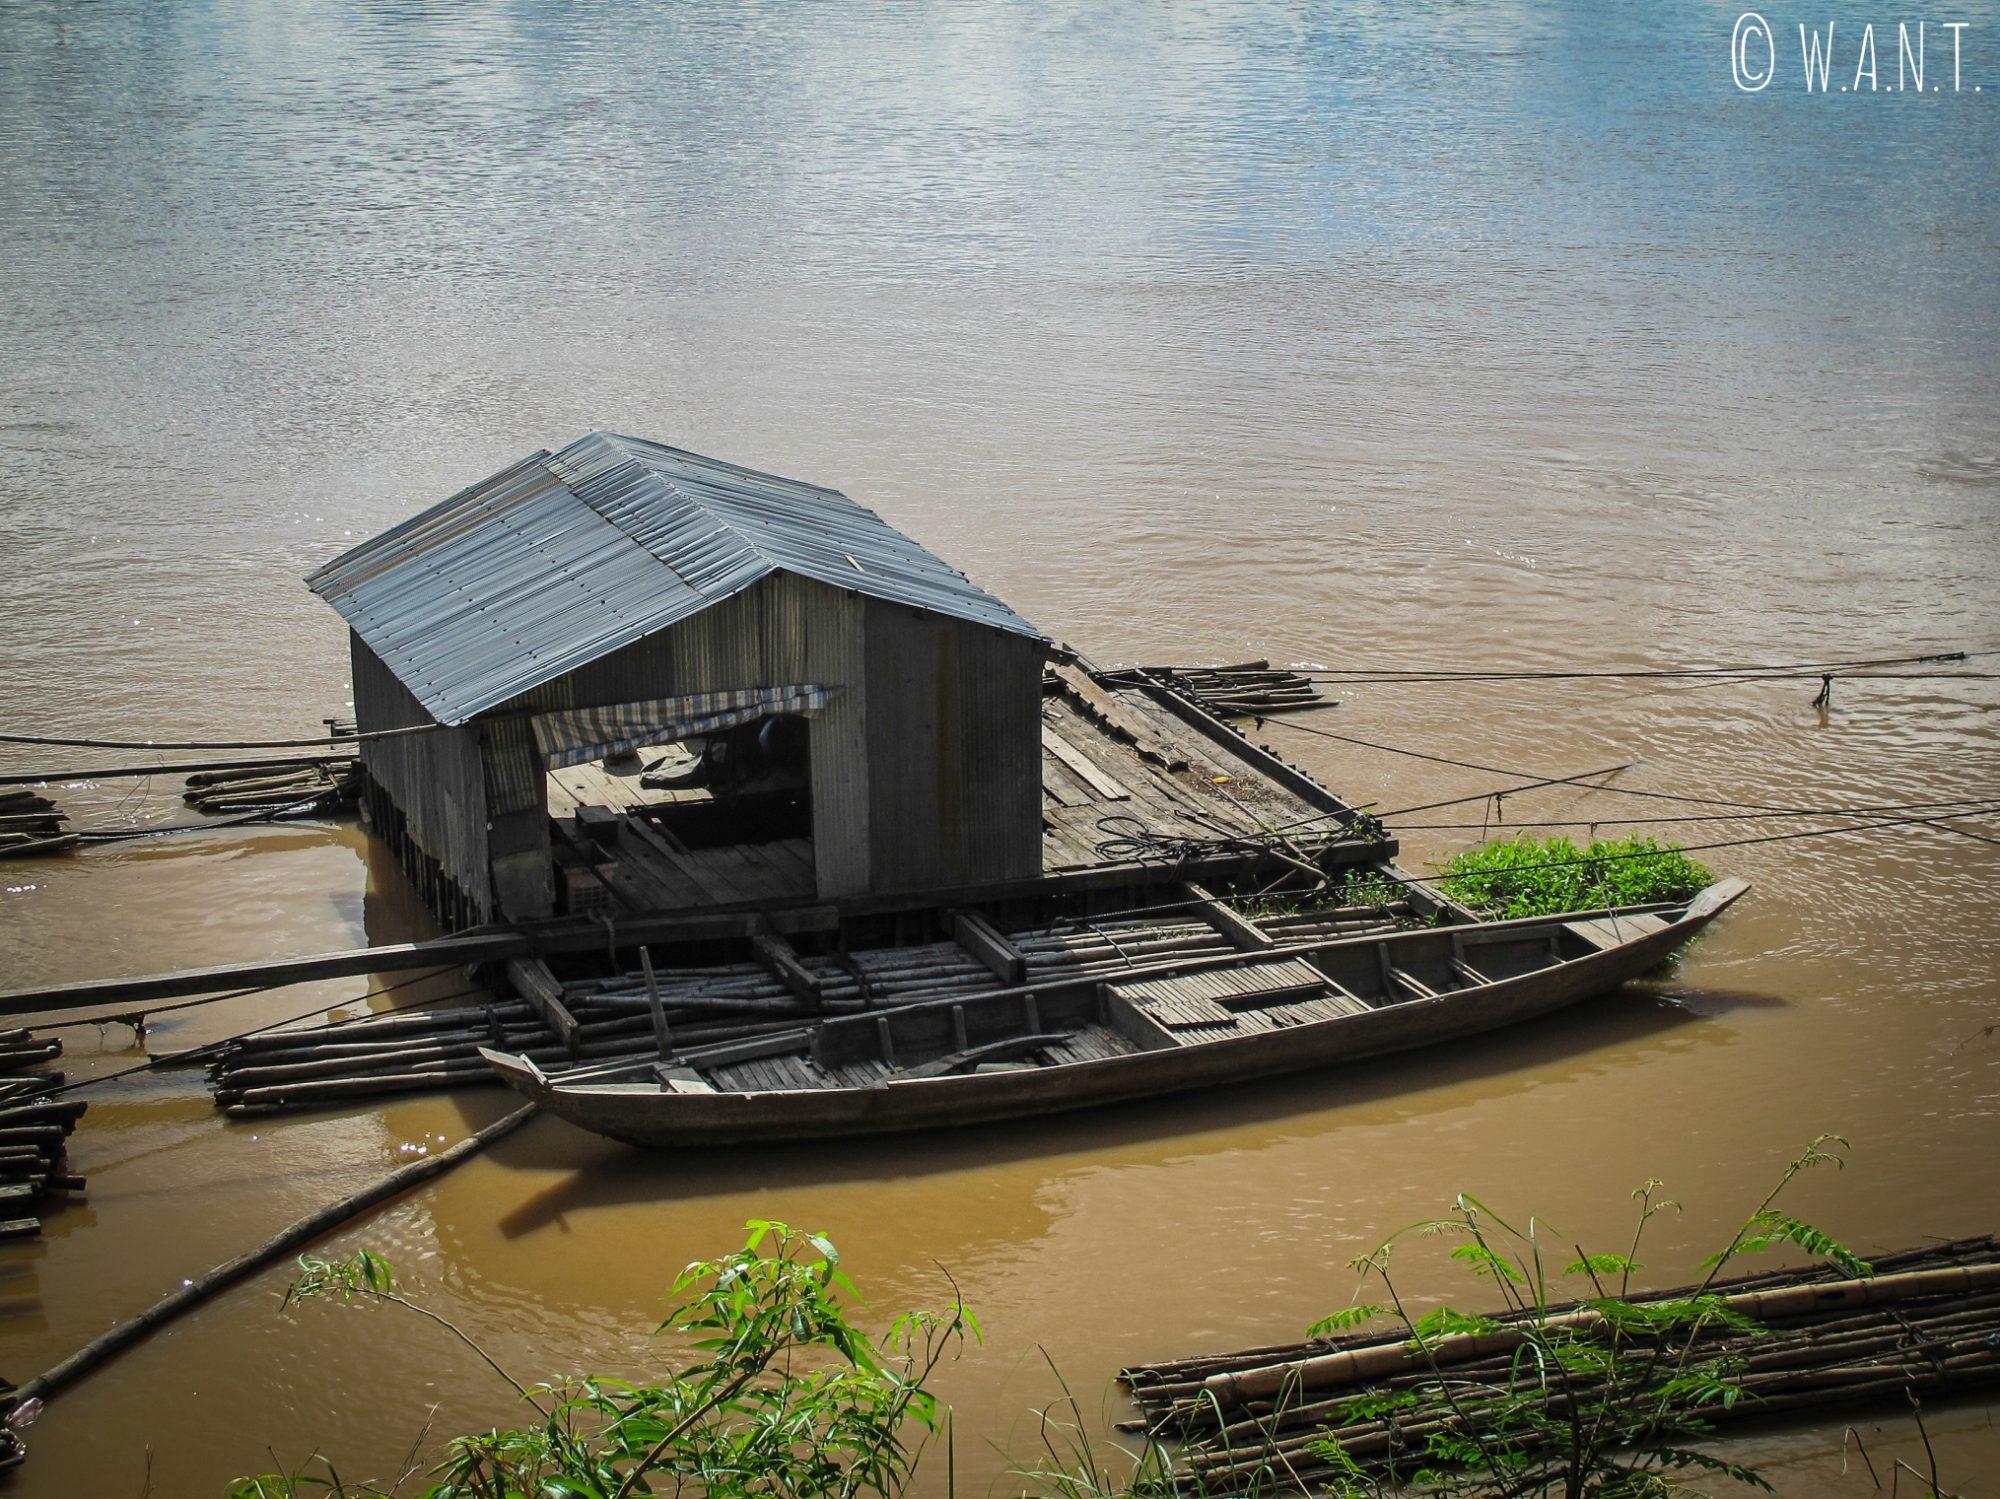 Gros plan sur l'une des habitations du village flottant de Koh Trong